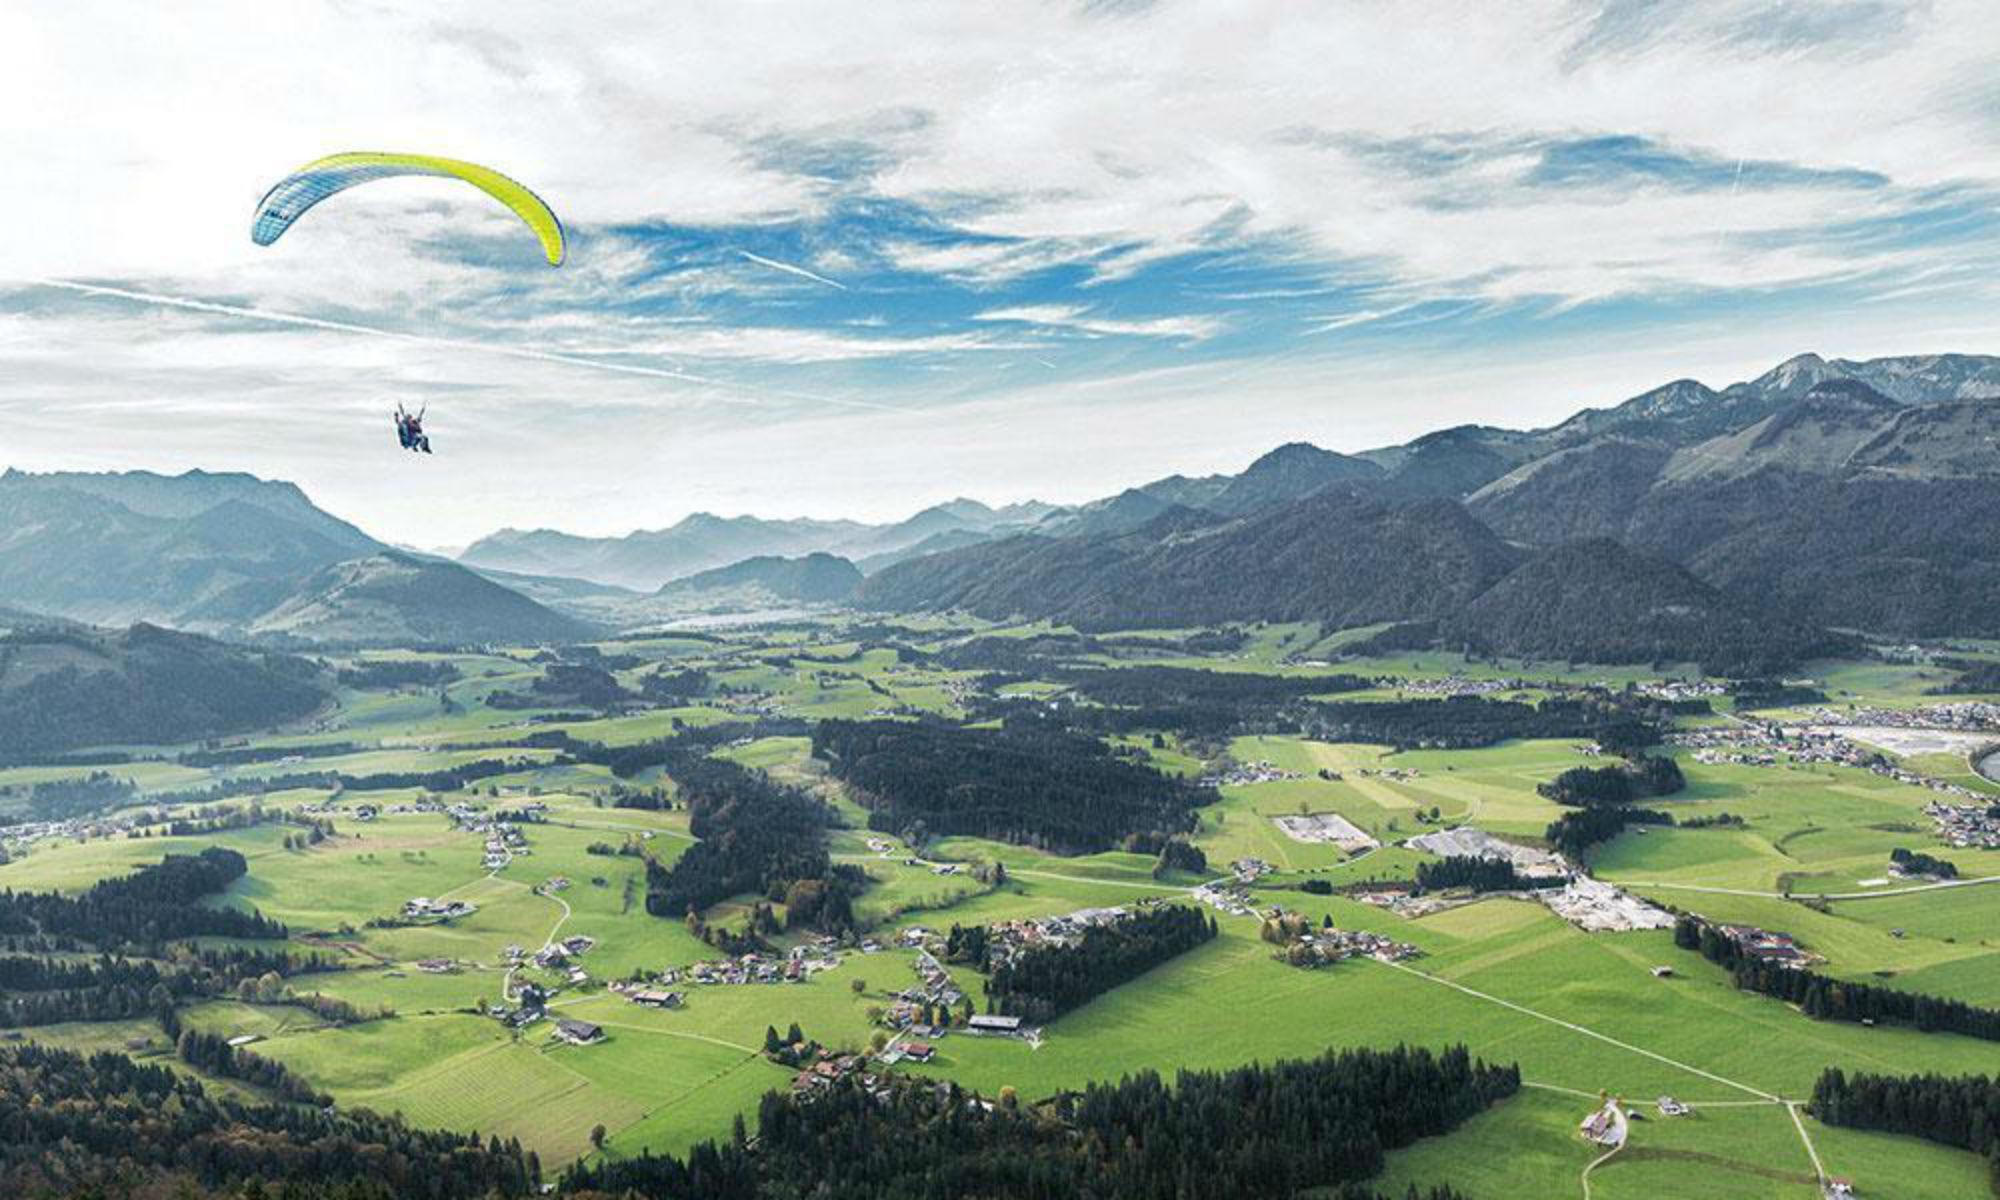 Ein Paragleiter über der grünen Landschaft des Kaiserwinkls.